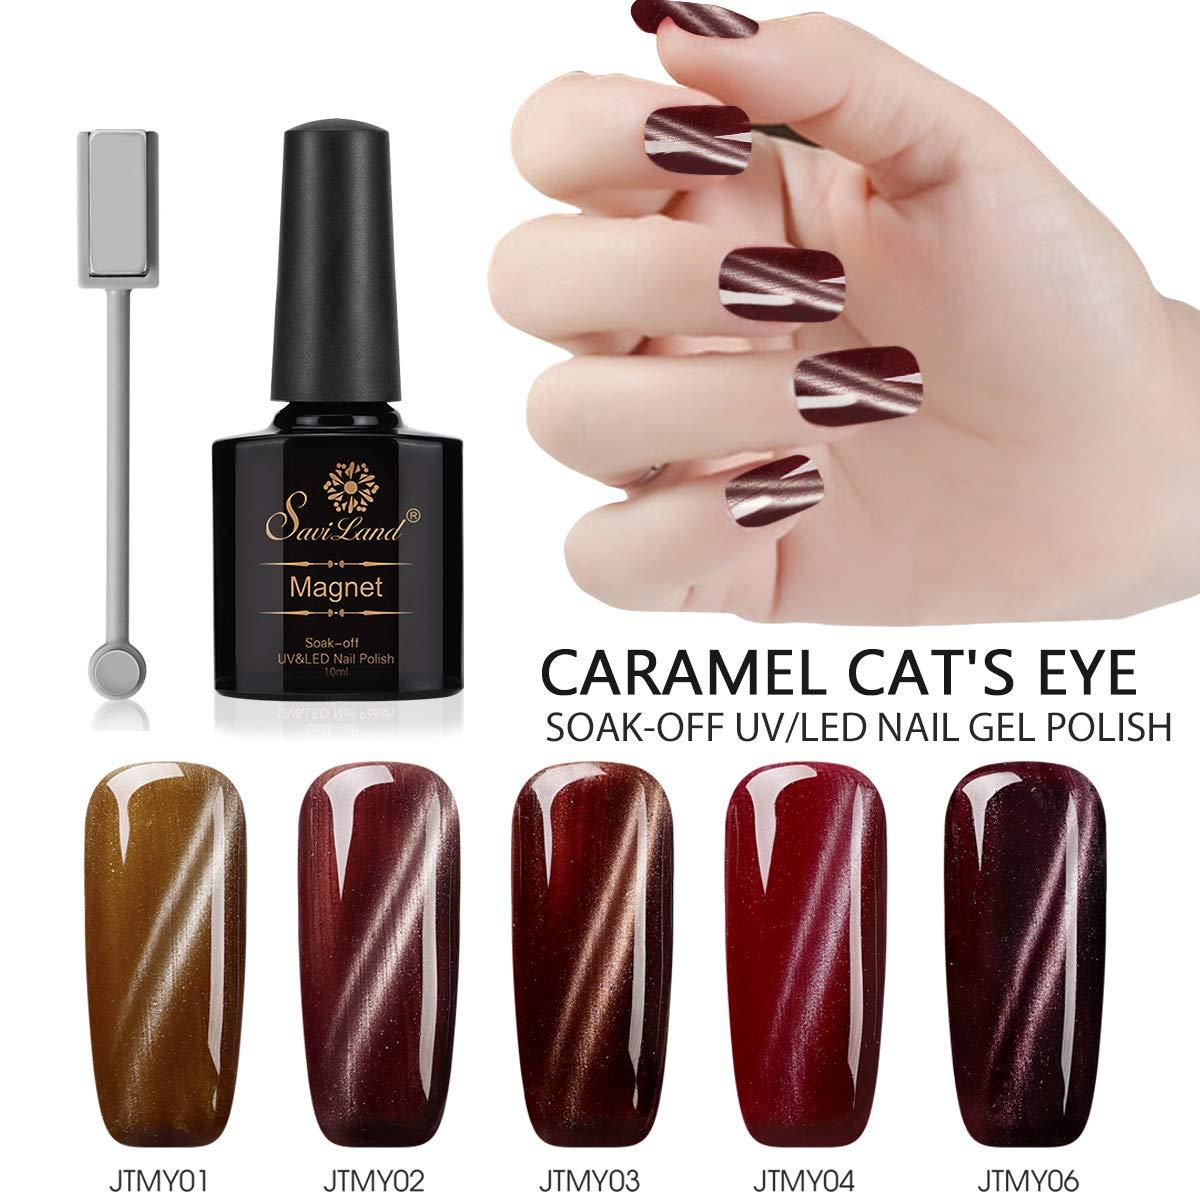 5pcs Caramel Color Cat Eye Gel Polish, Saviland Soak Off UV/LED Magnetic Nail Polish Set Nail Art Manicure Kit 10ml